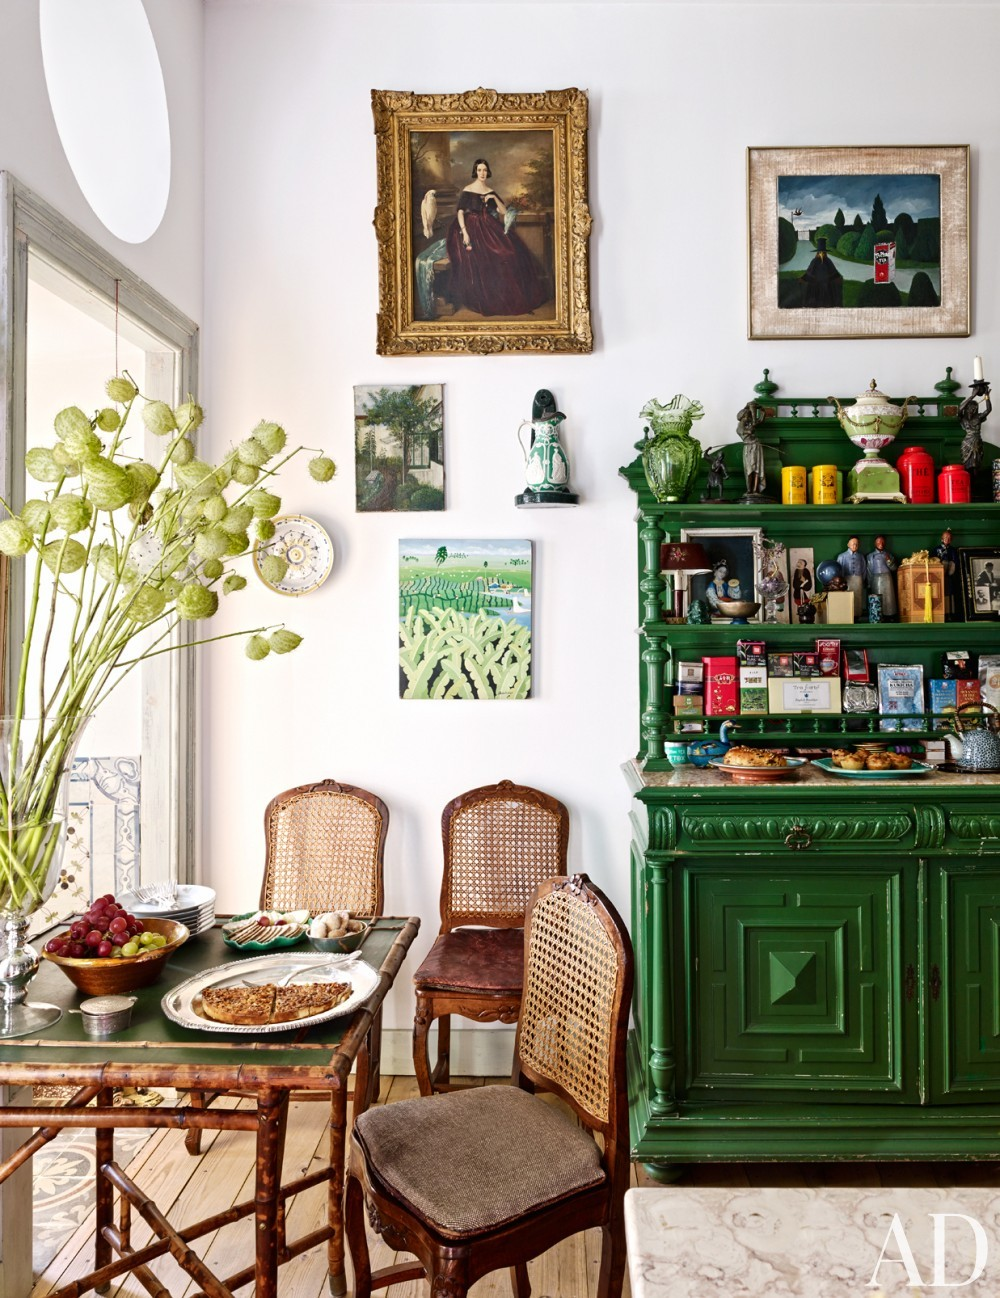 Traditional Kitchen by Pedro Espírito Santo in Lisbon, Portugal